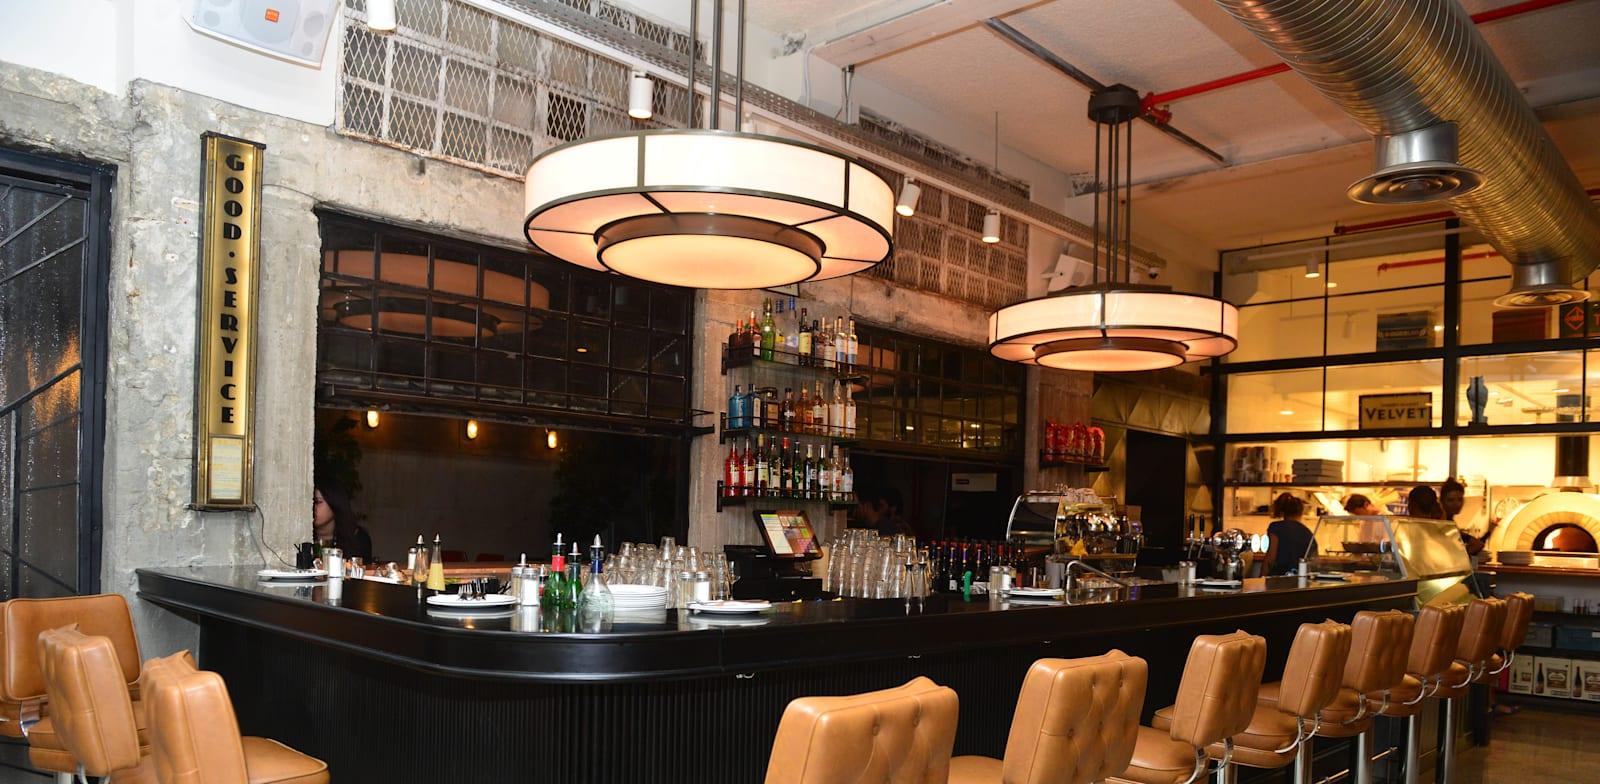 מסעדה / צילום: תמר מצפי